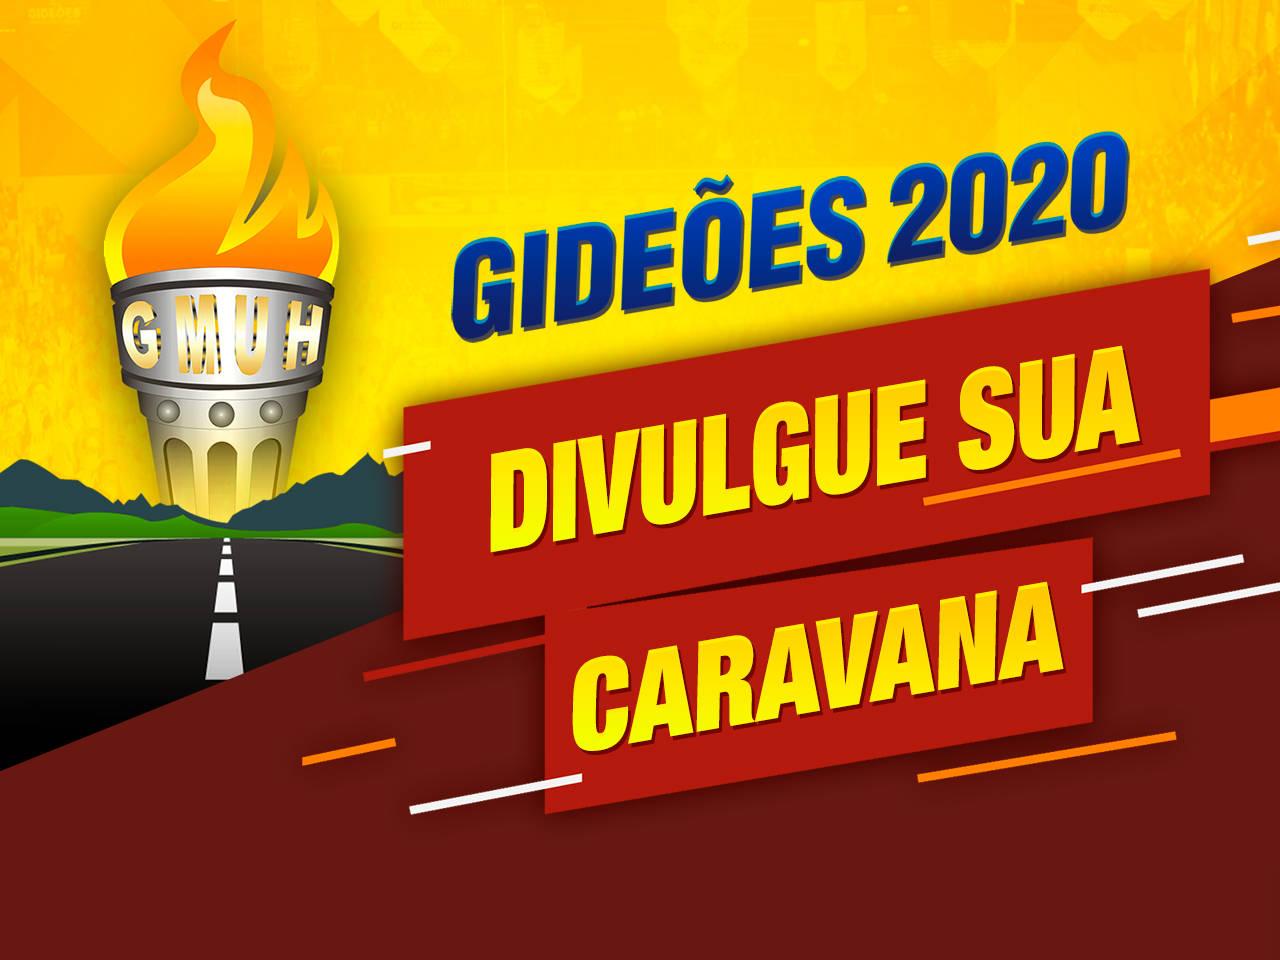 Cadastre sua caravana para o Congresso dos Gideões 2020